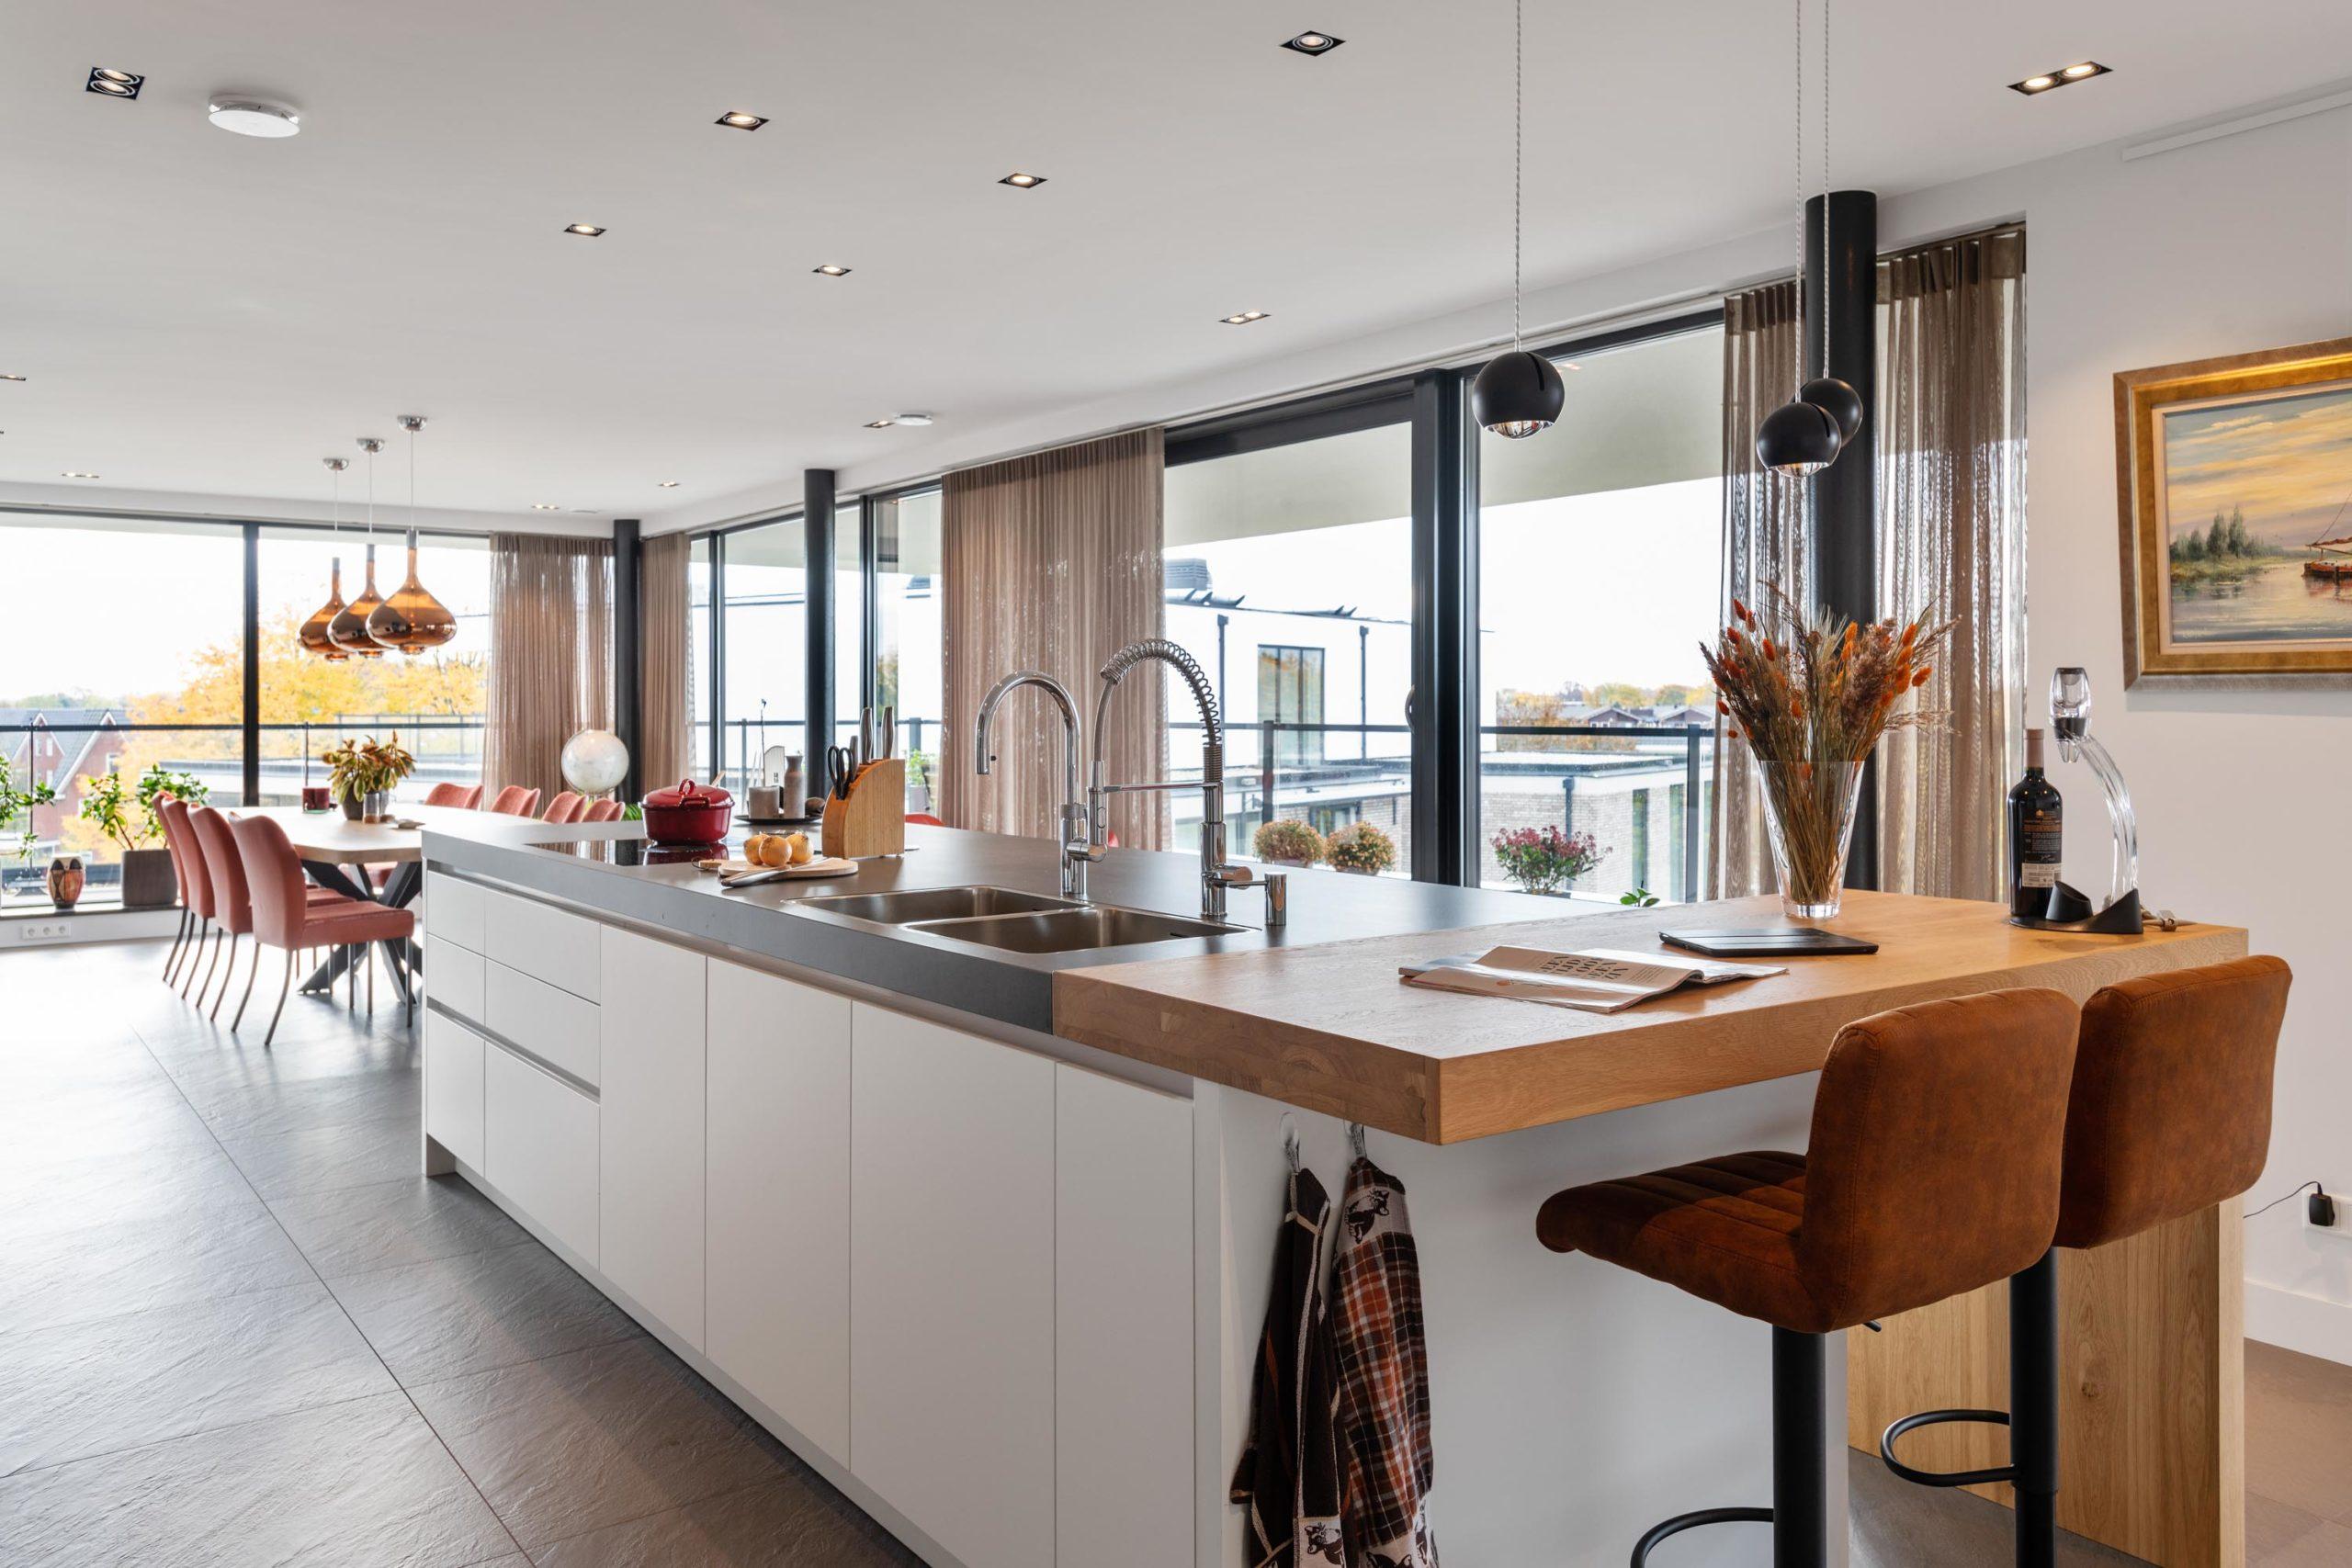 Welke soorten greeploze keukens zijn er?